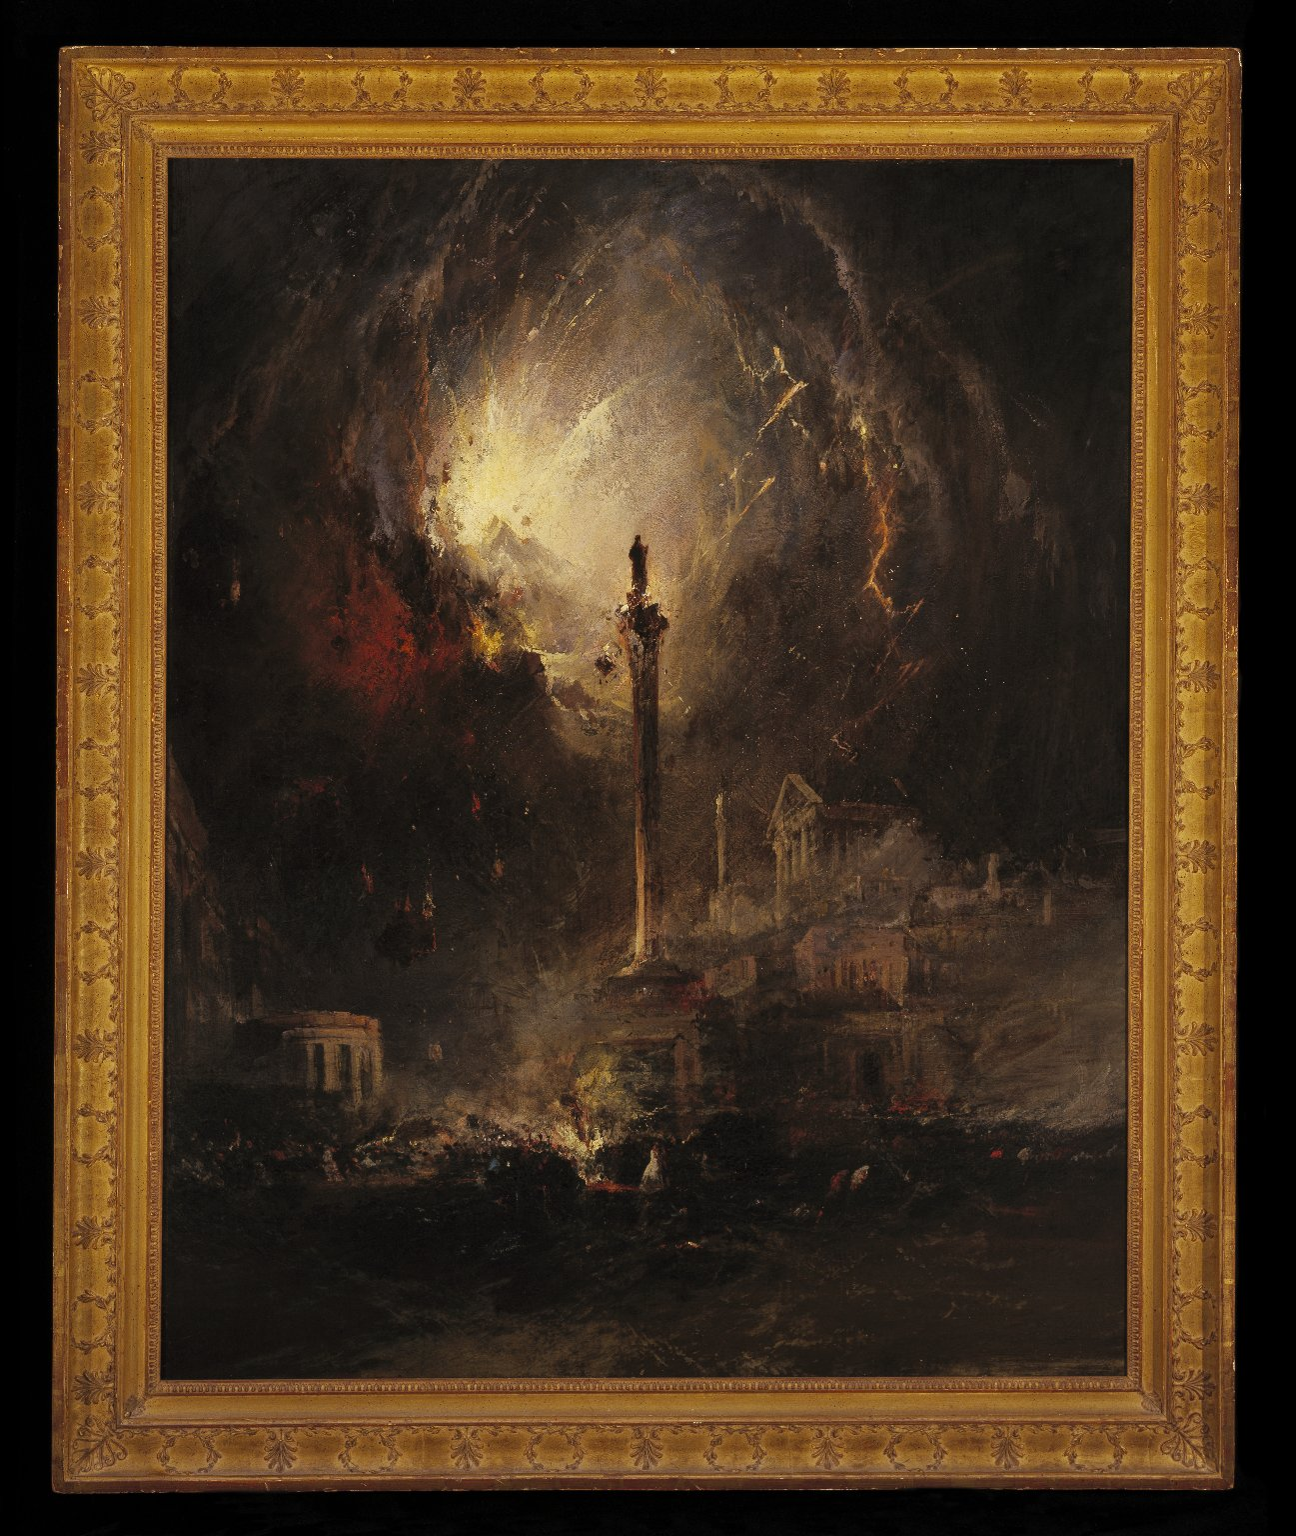 dramatic scenes, James Hamilton, The Last Days of Pompeii, ca. 1864, Brooklyn Museum, New York, NY, USA.